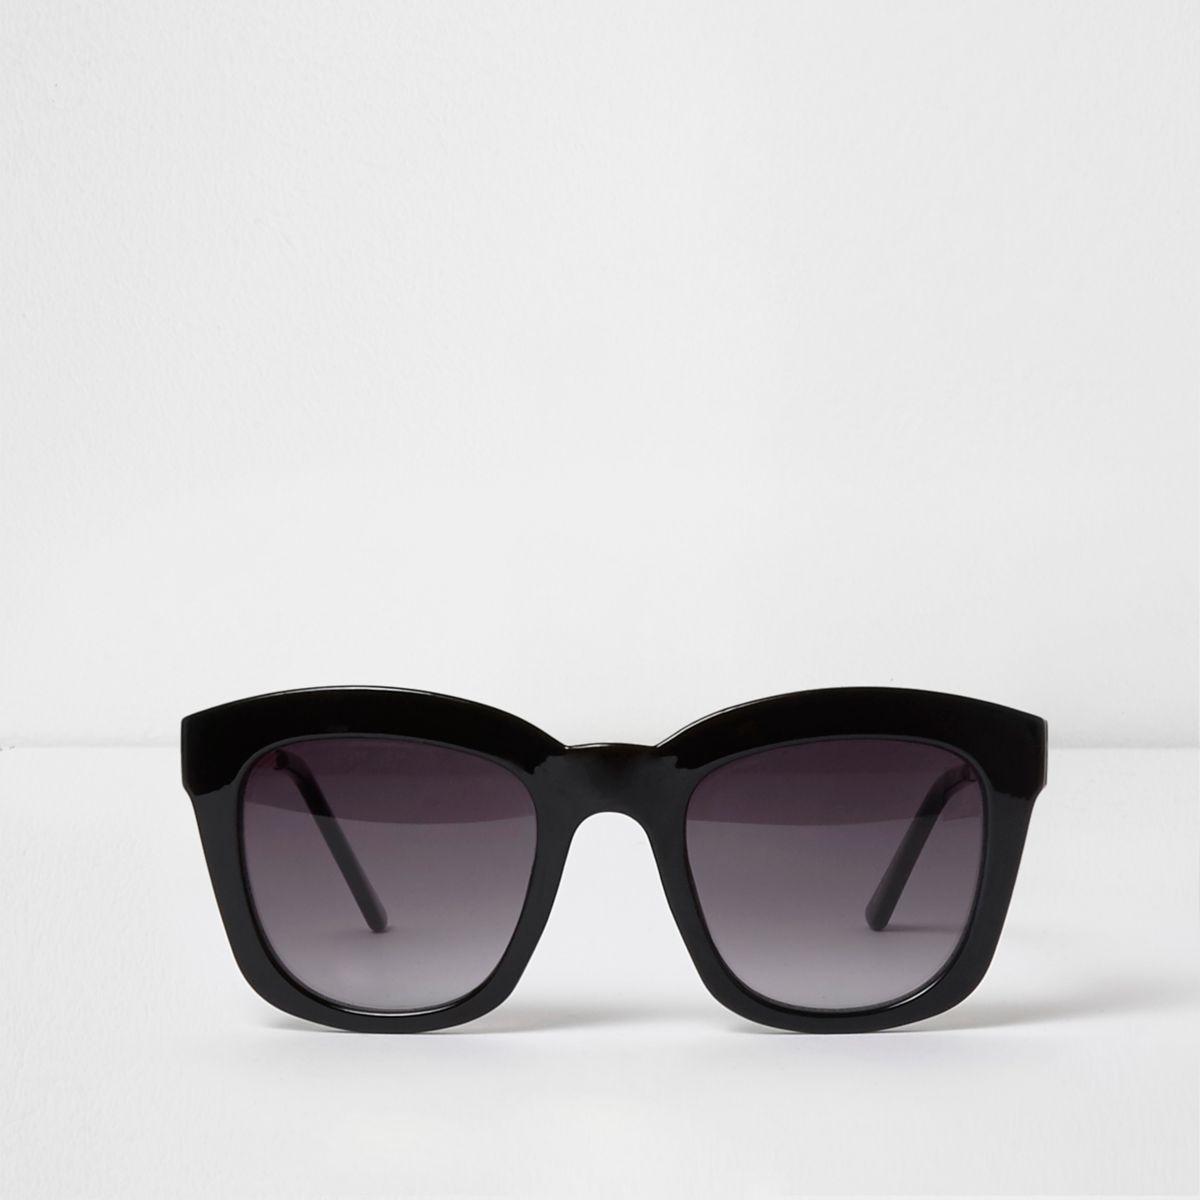 Zwarte oversized zonnebril met betoverend getinte glazen